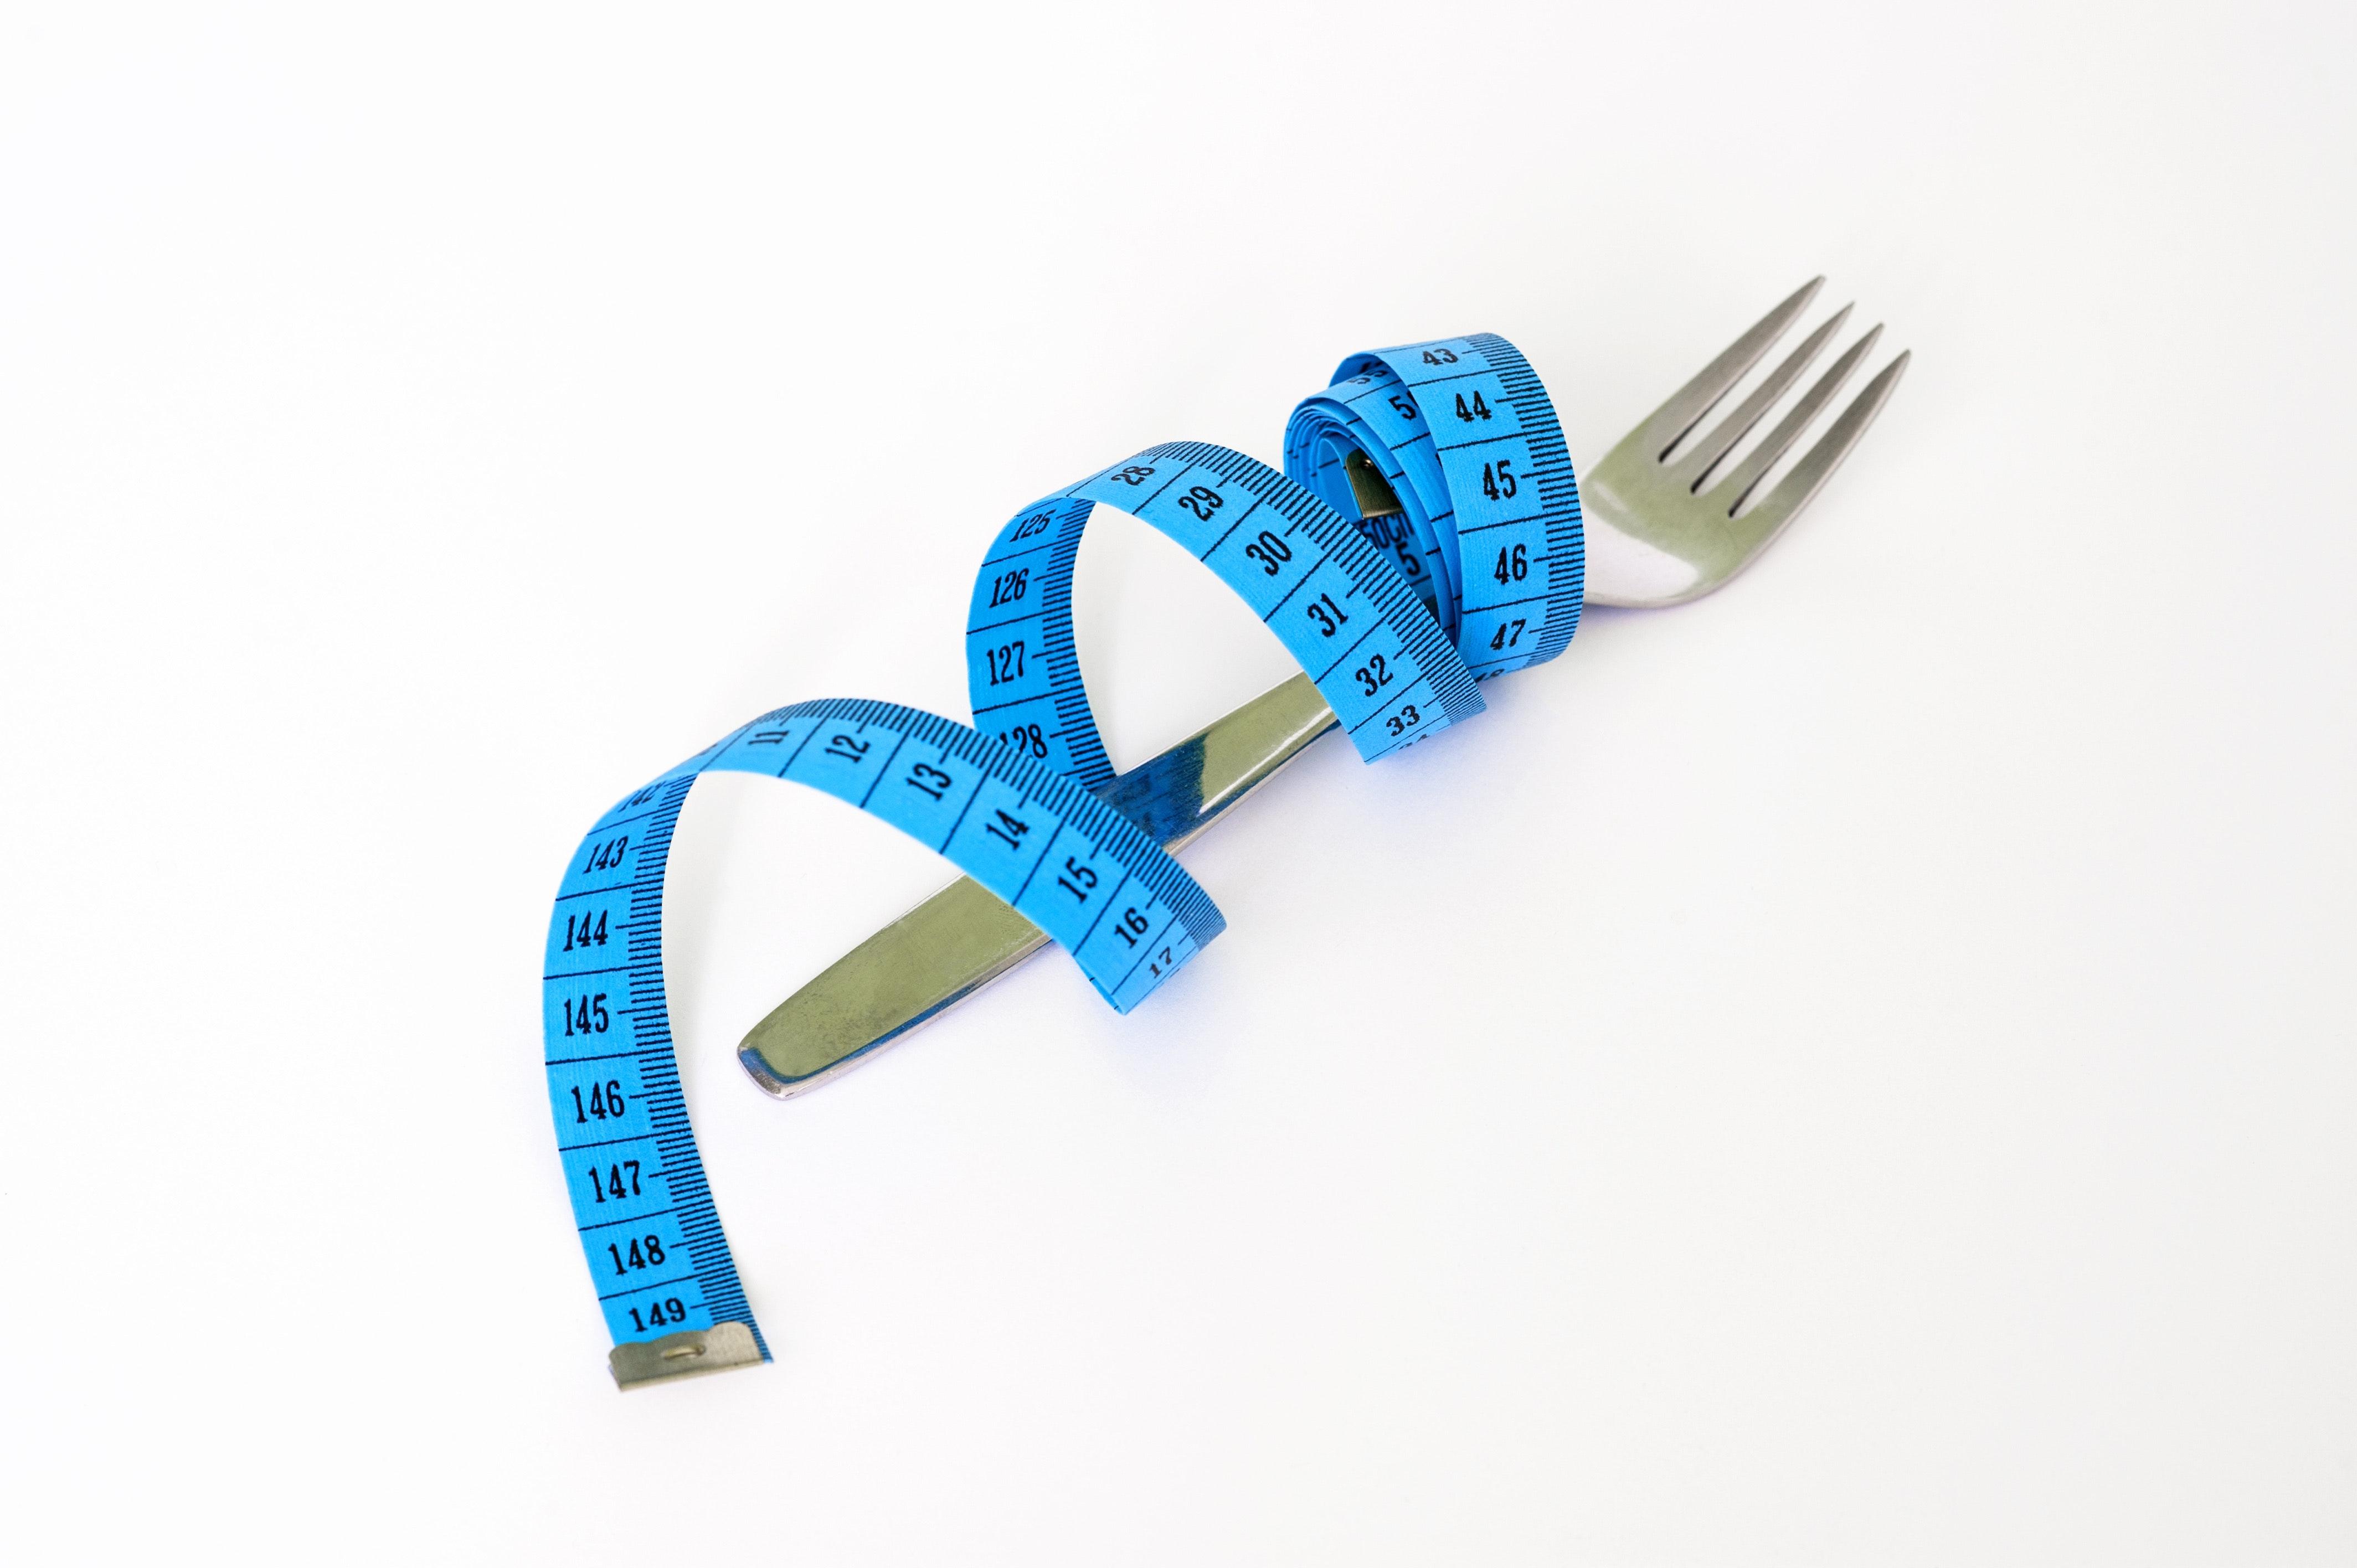 Proč nejít do koktejlové diety, kterých je nyní plný trh?